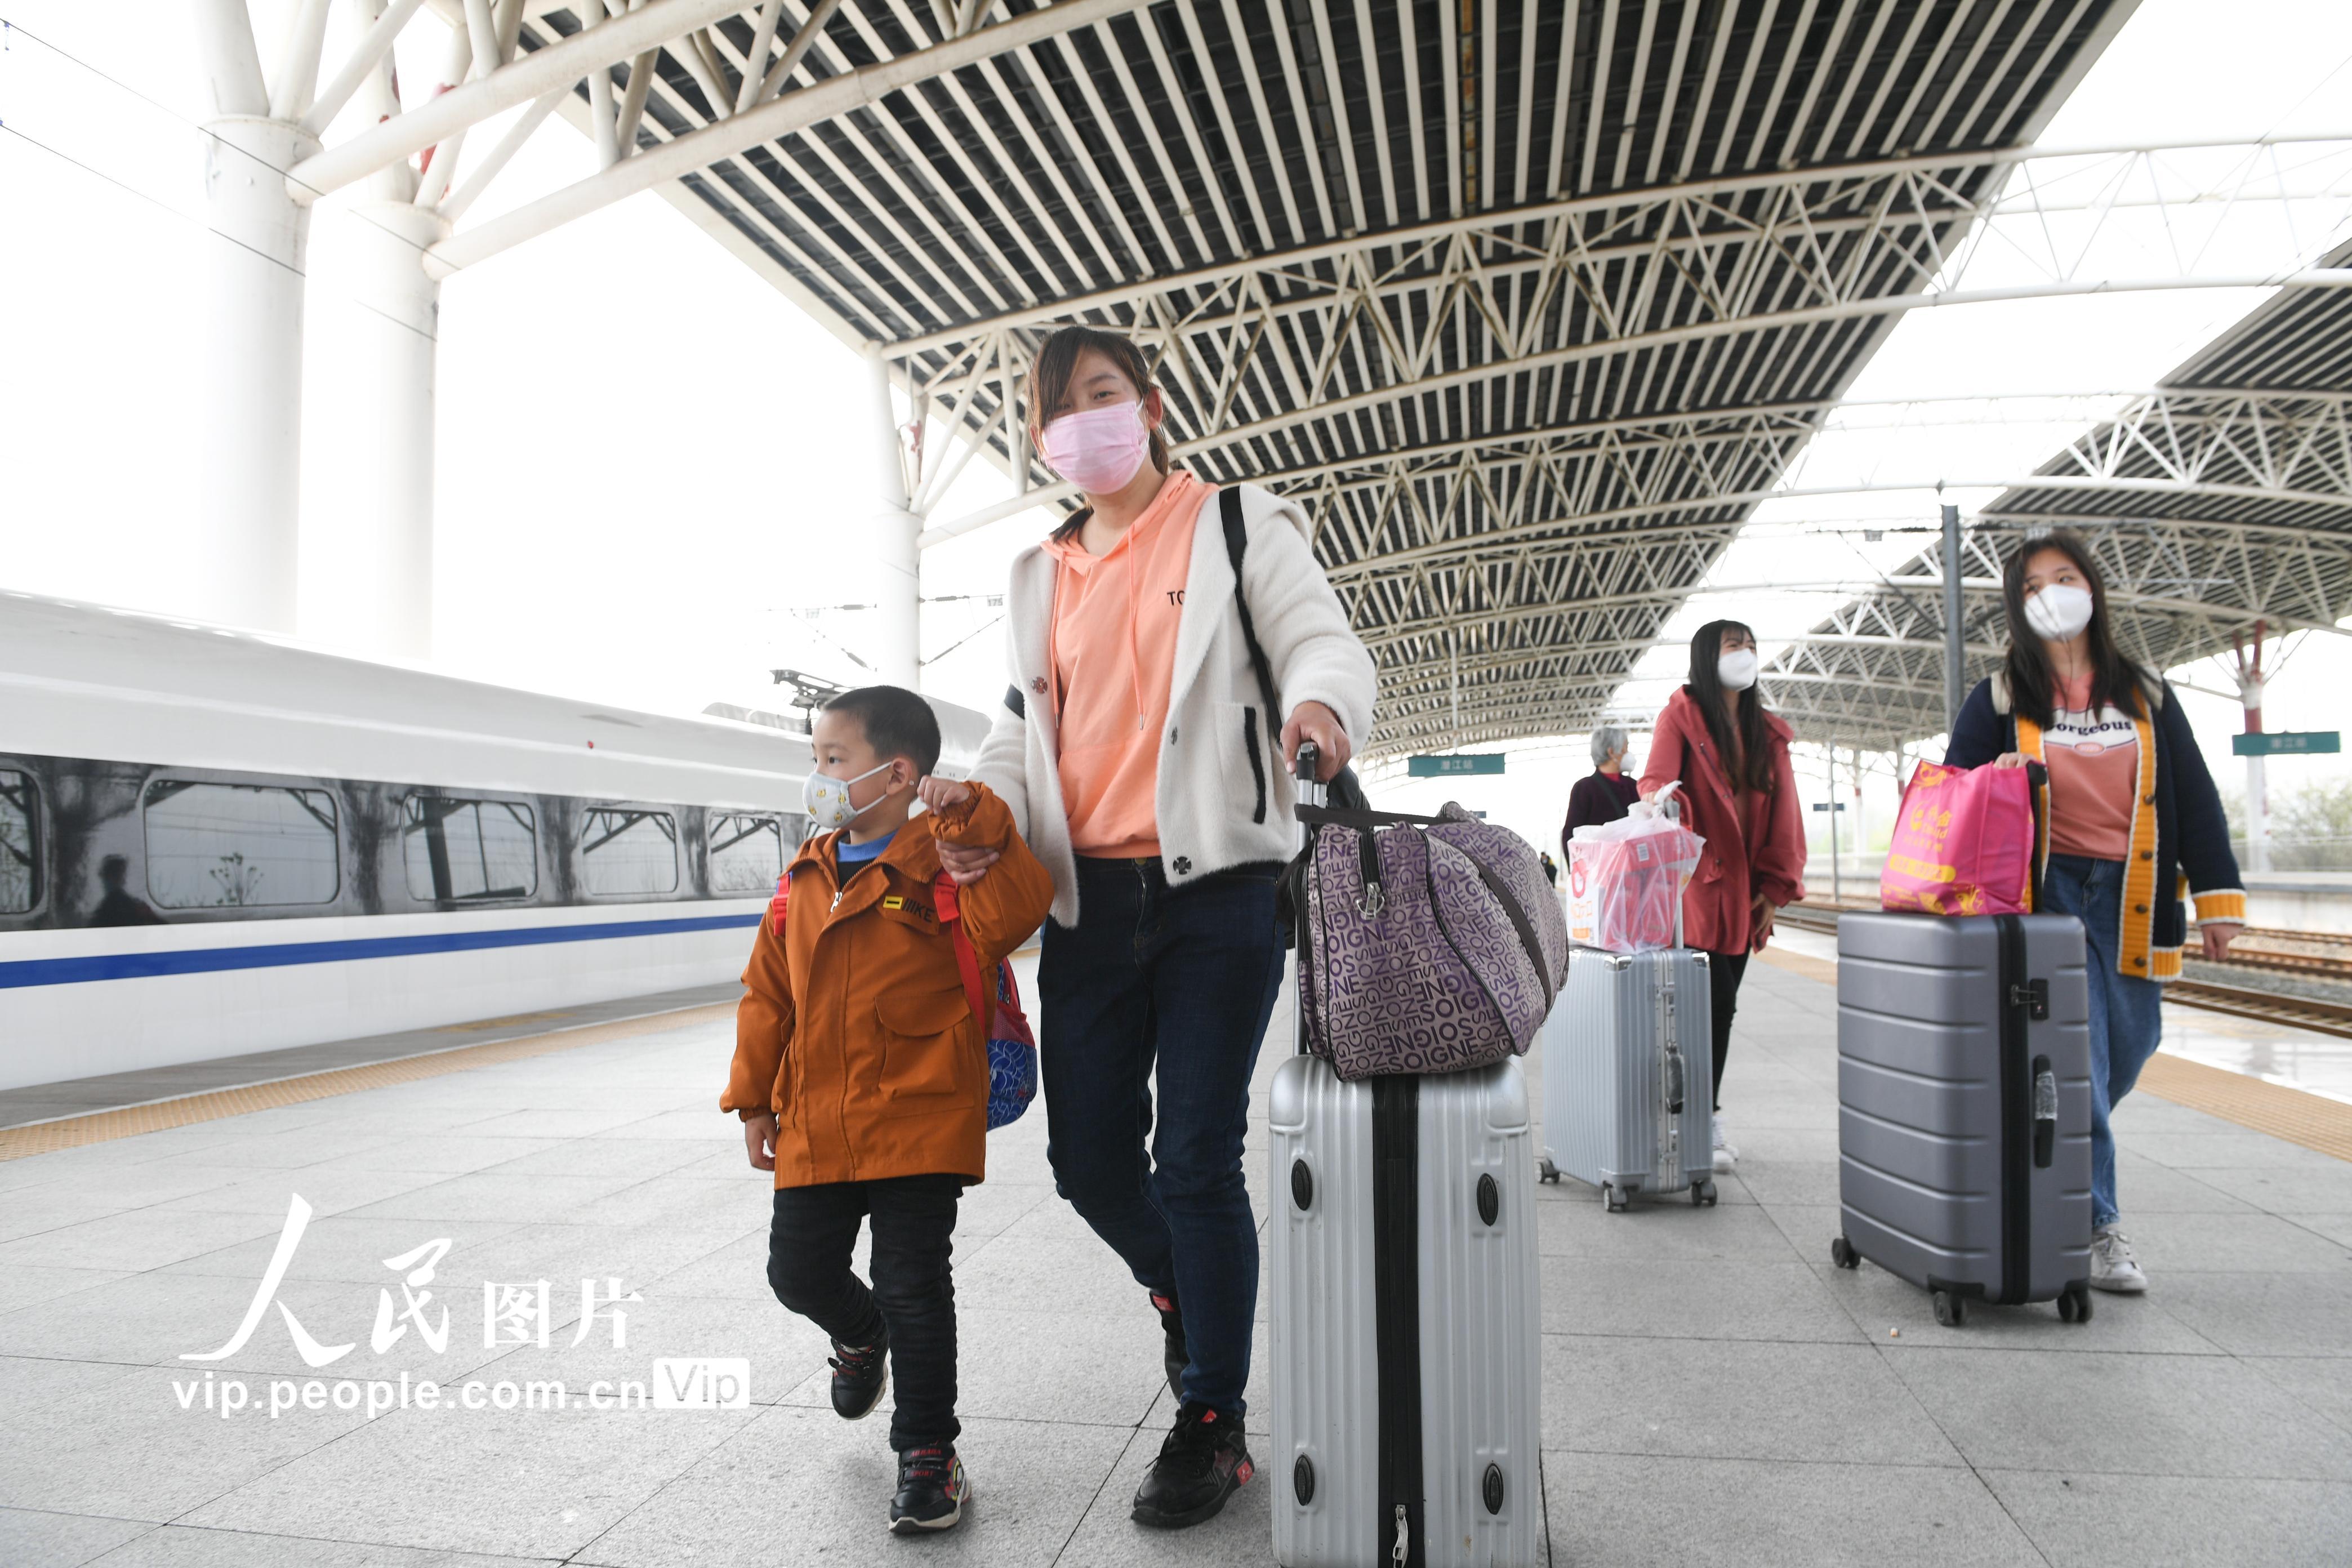 湖北除武汉外铁路客运站恢复运营【3】